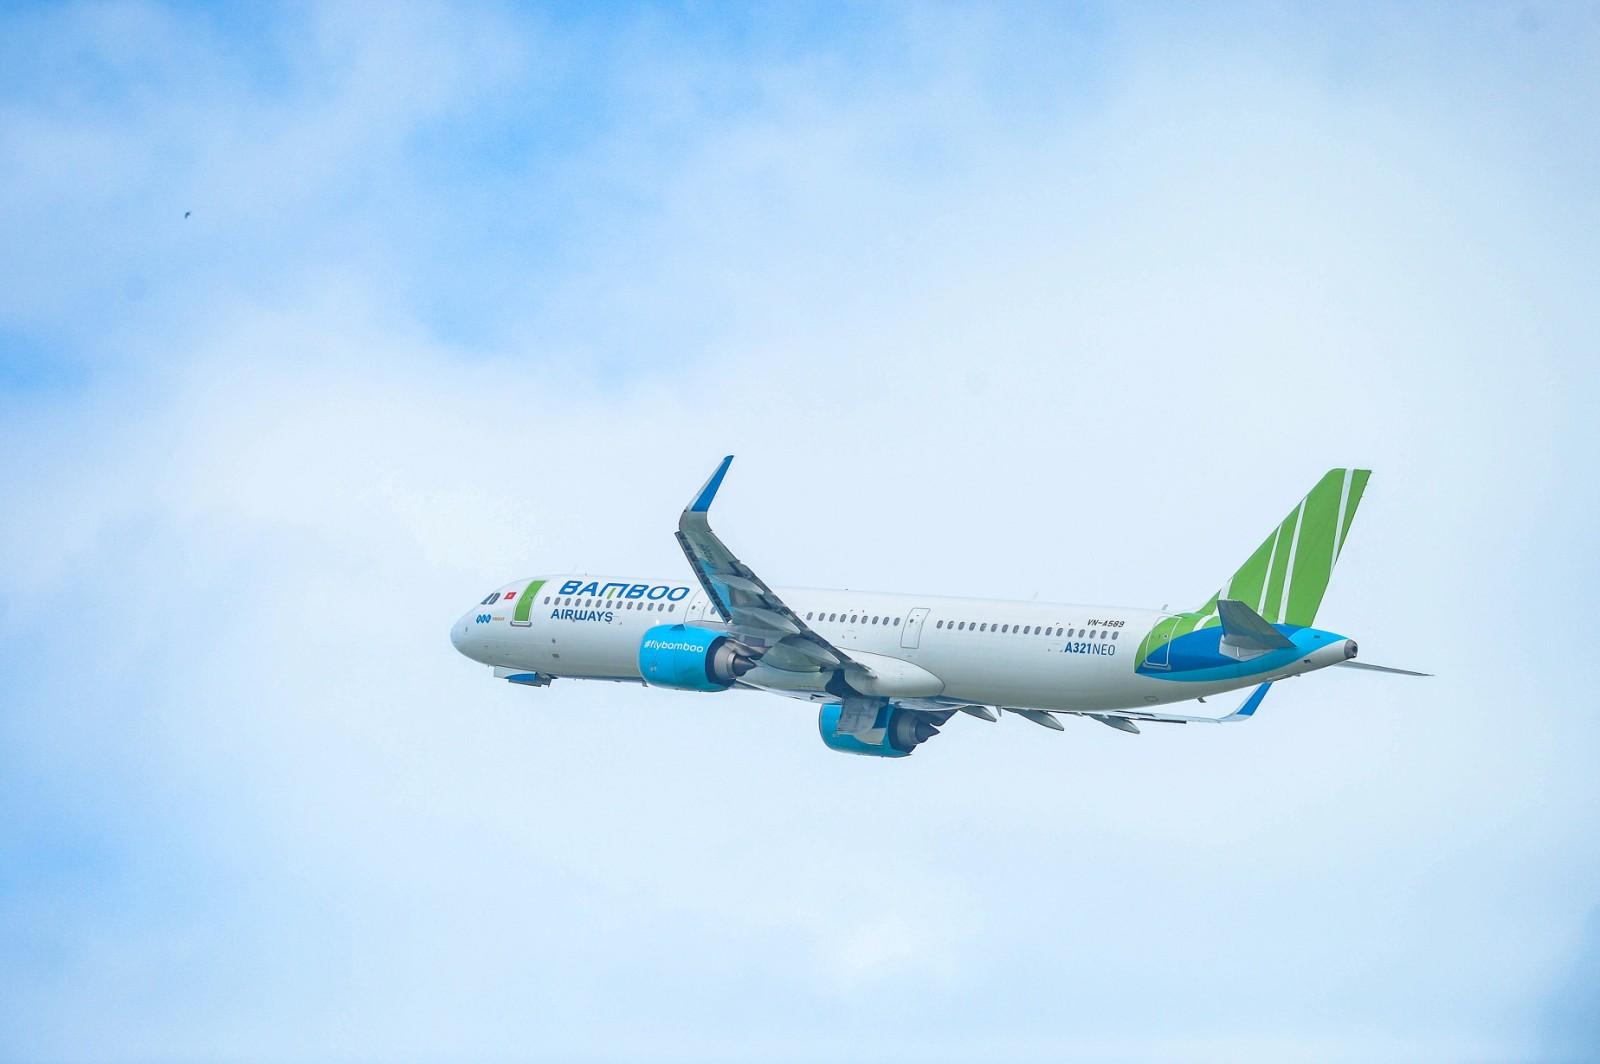 Bamboo Airways liên tục cập nhật chính sách vé linh hoạt trong giai đoạn dịch bệnh